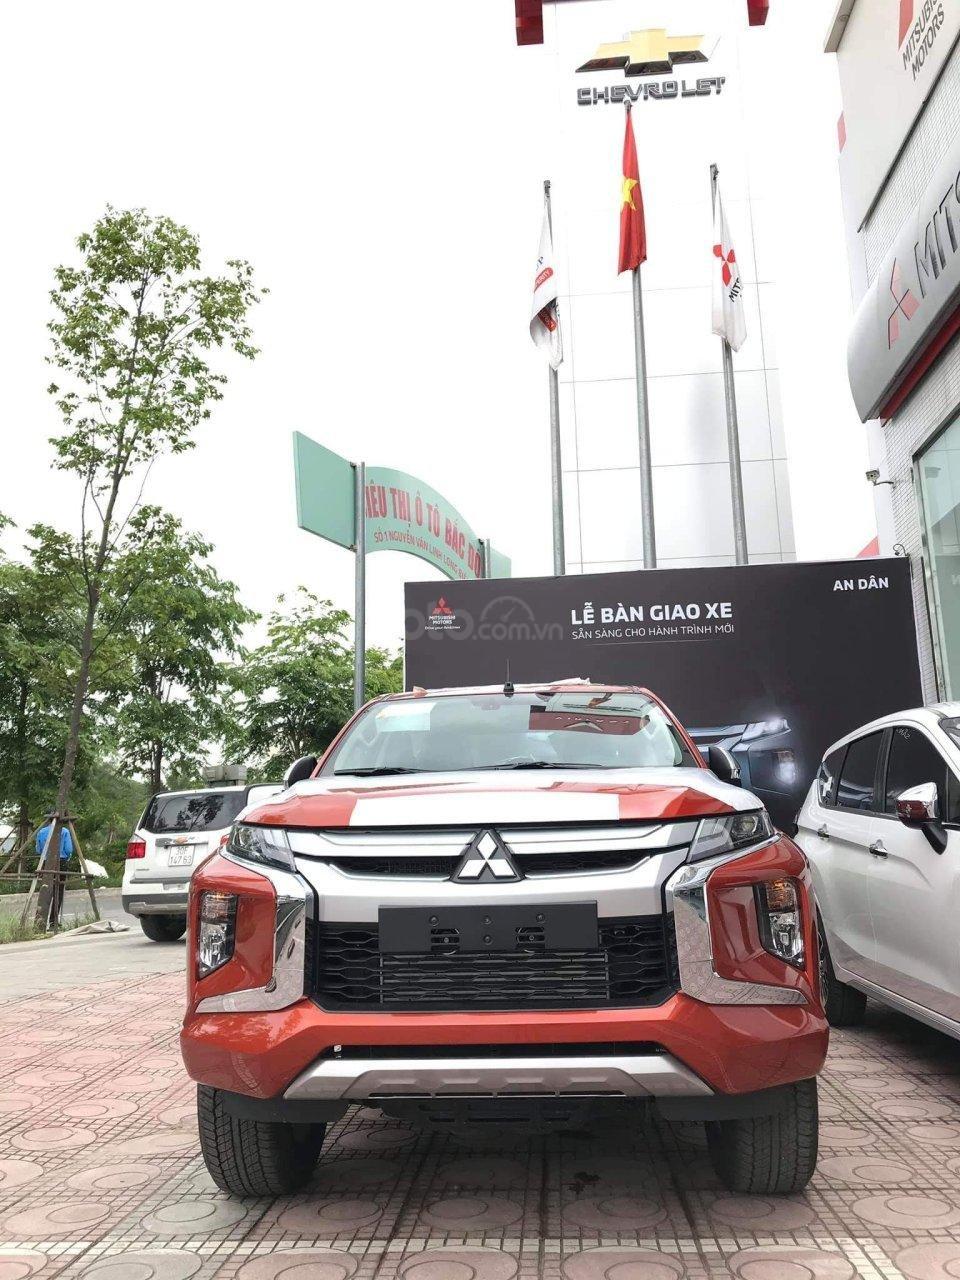 Mitsubishi Triton 2019, km BHVC 1 năm (hoặc nắp thùng) và camera lùi, trả góp 80%, call: 09 161 242 68 (1)